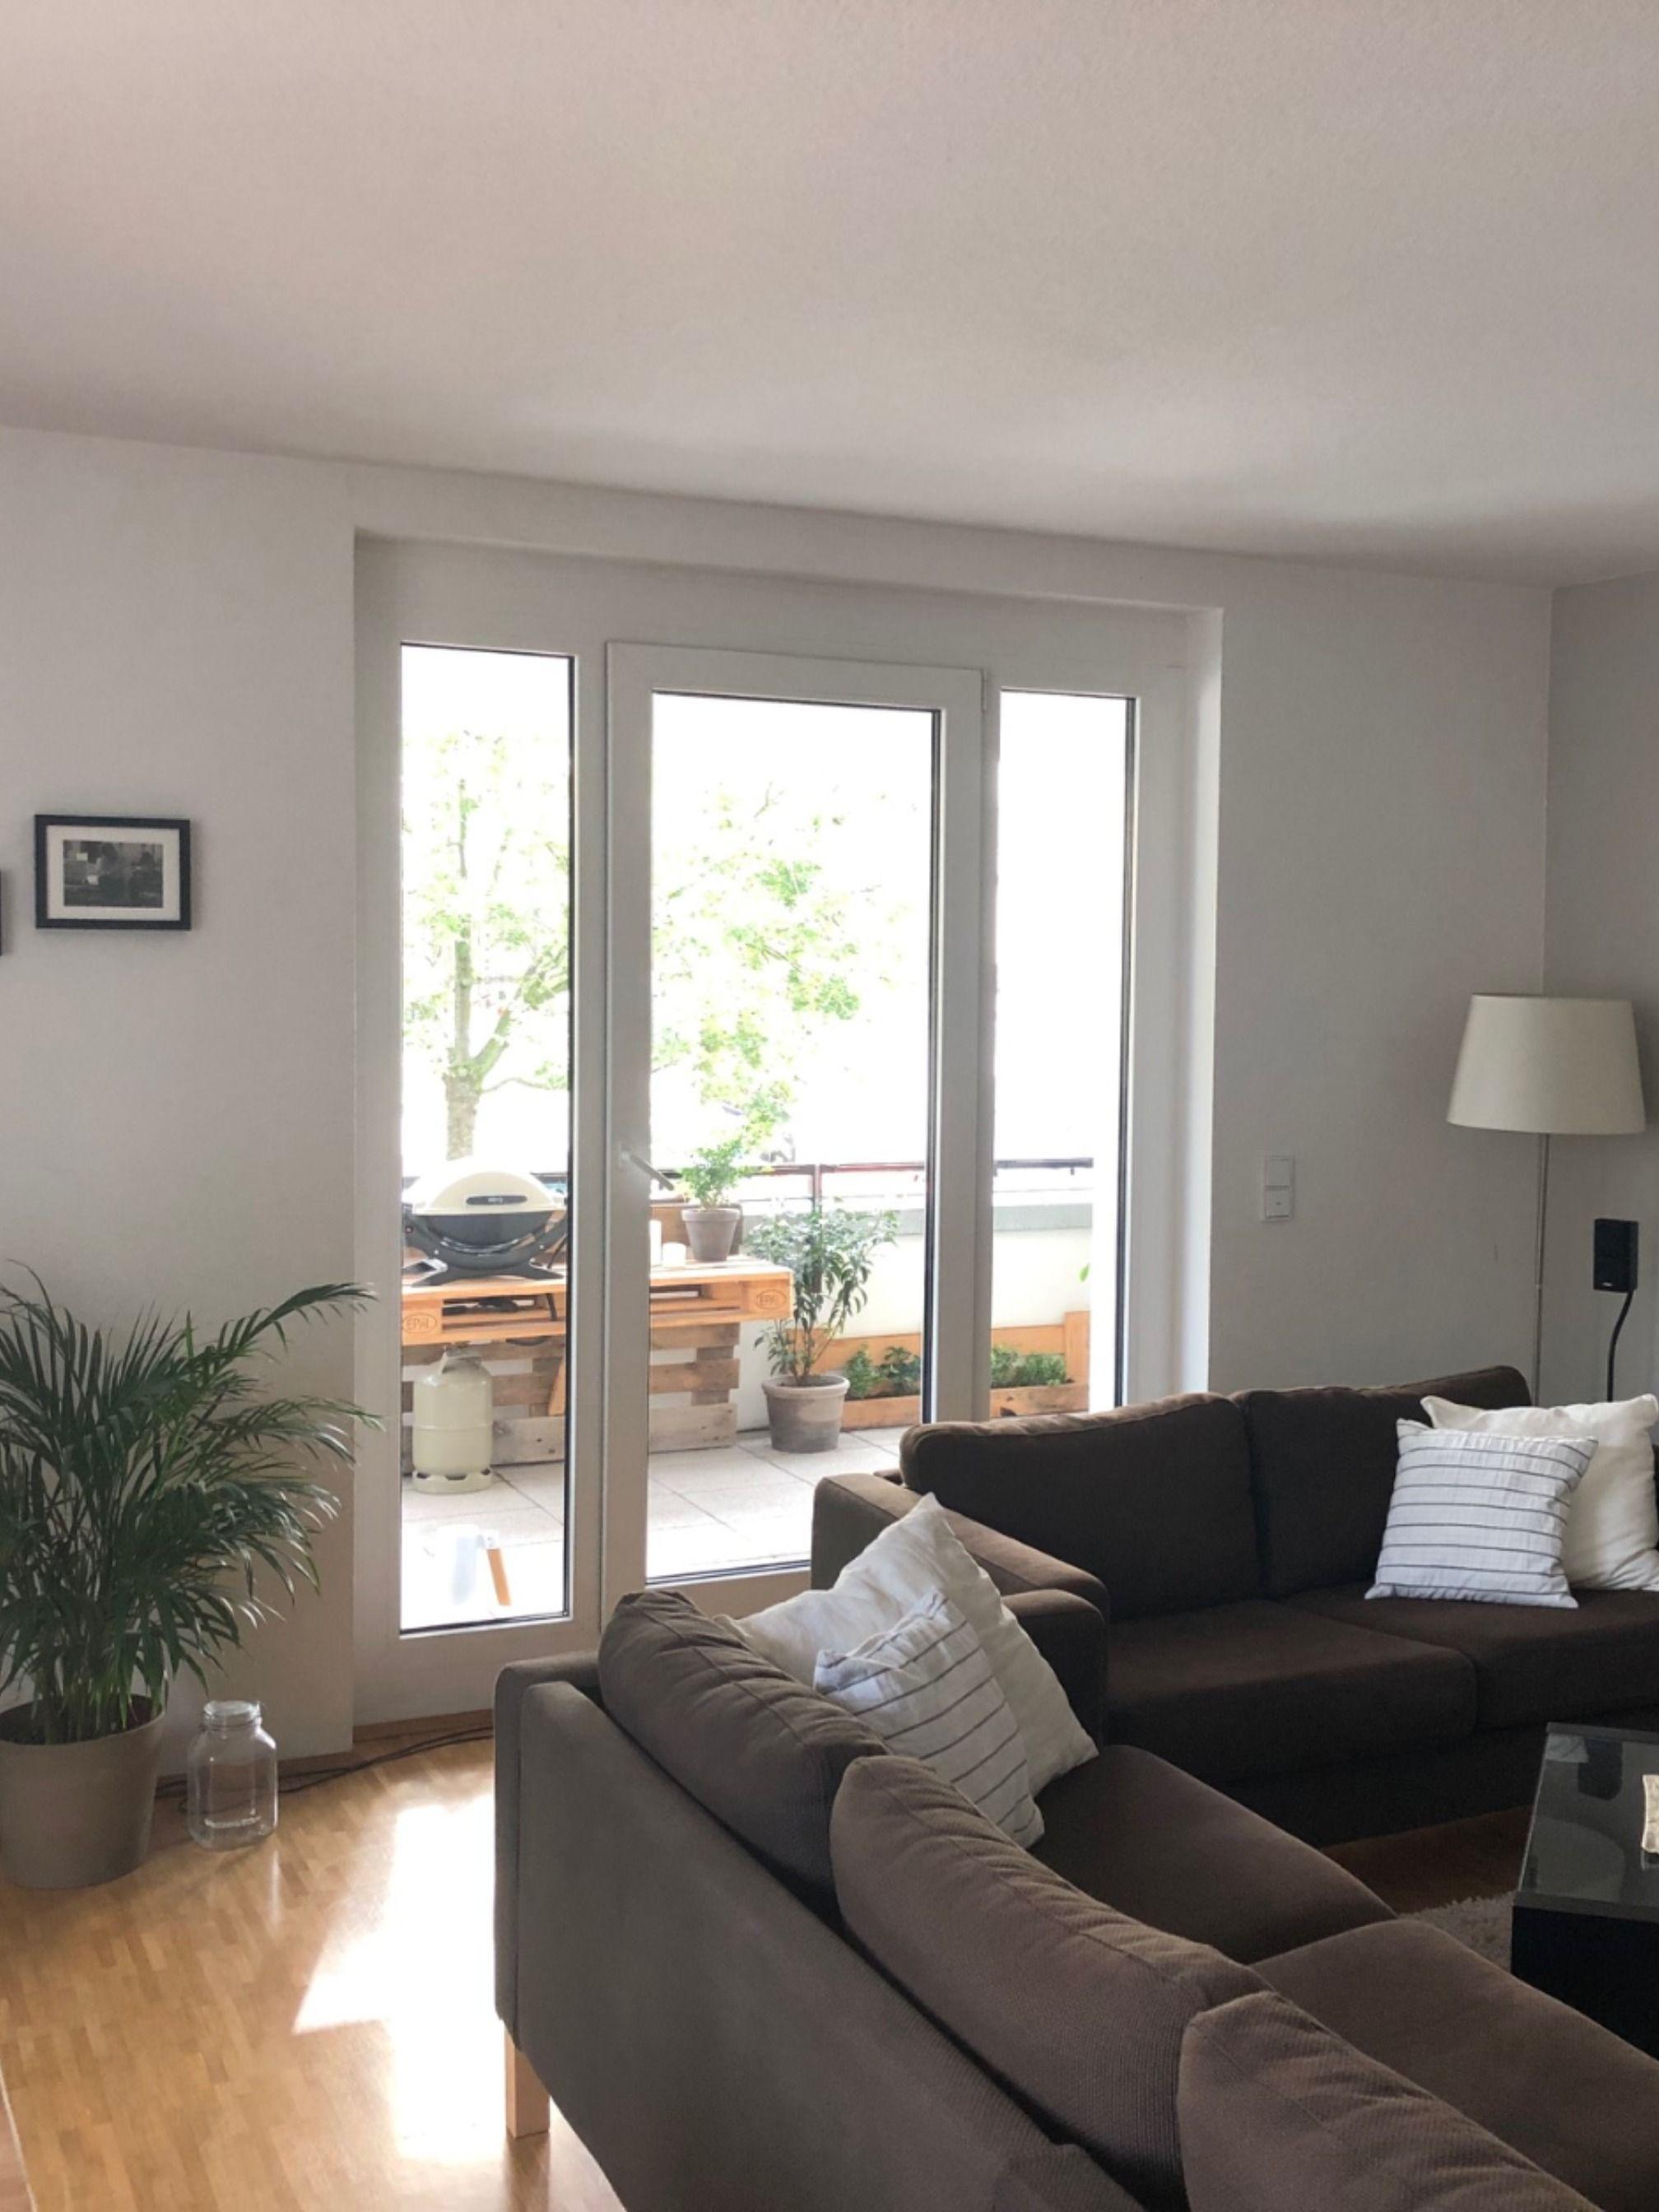 Wg Wohnzimmer In Frankfurt In 2020 Wohnzimmer Schone Wohnzimmer Wohnung